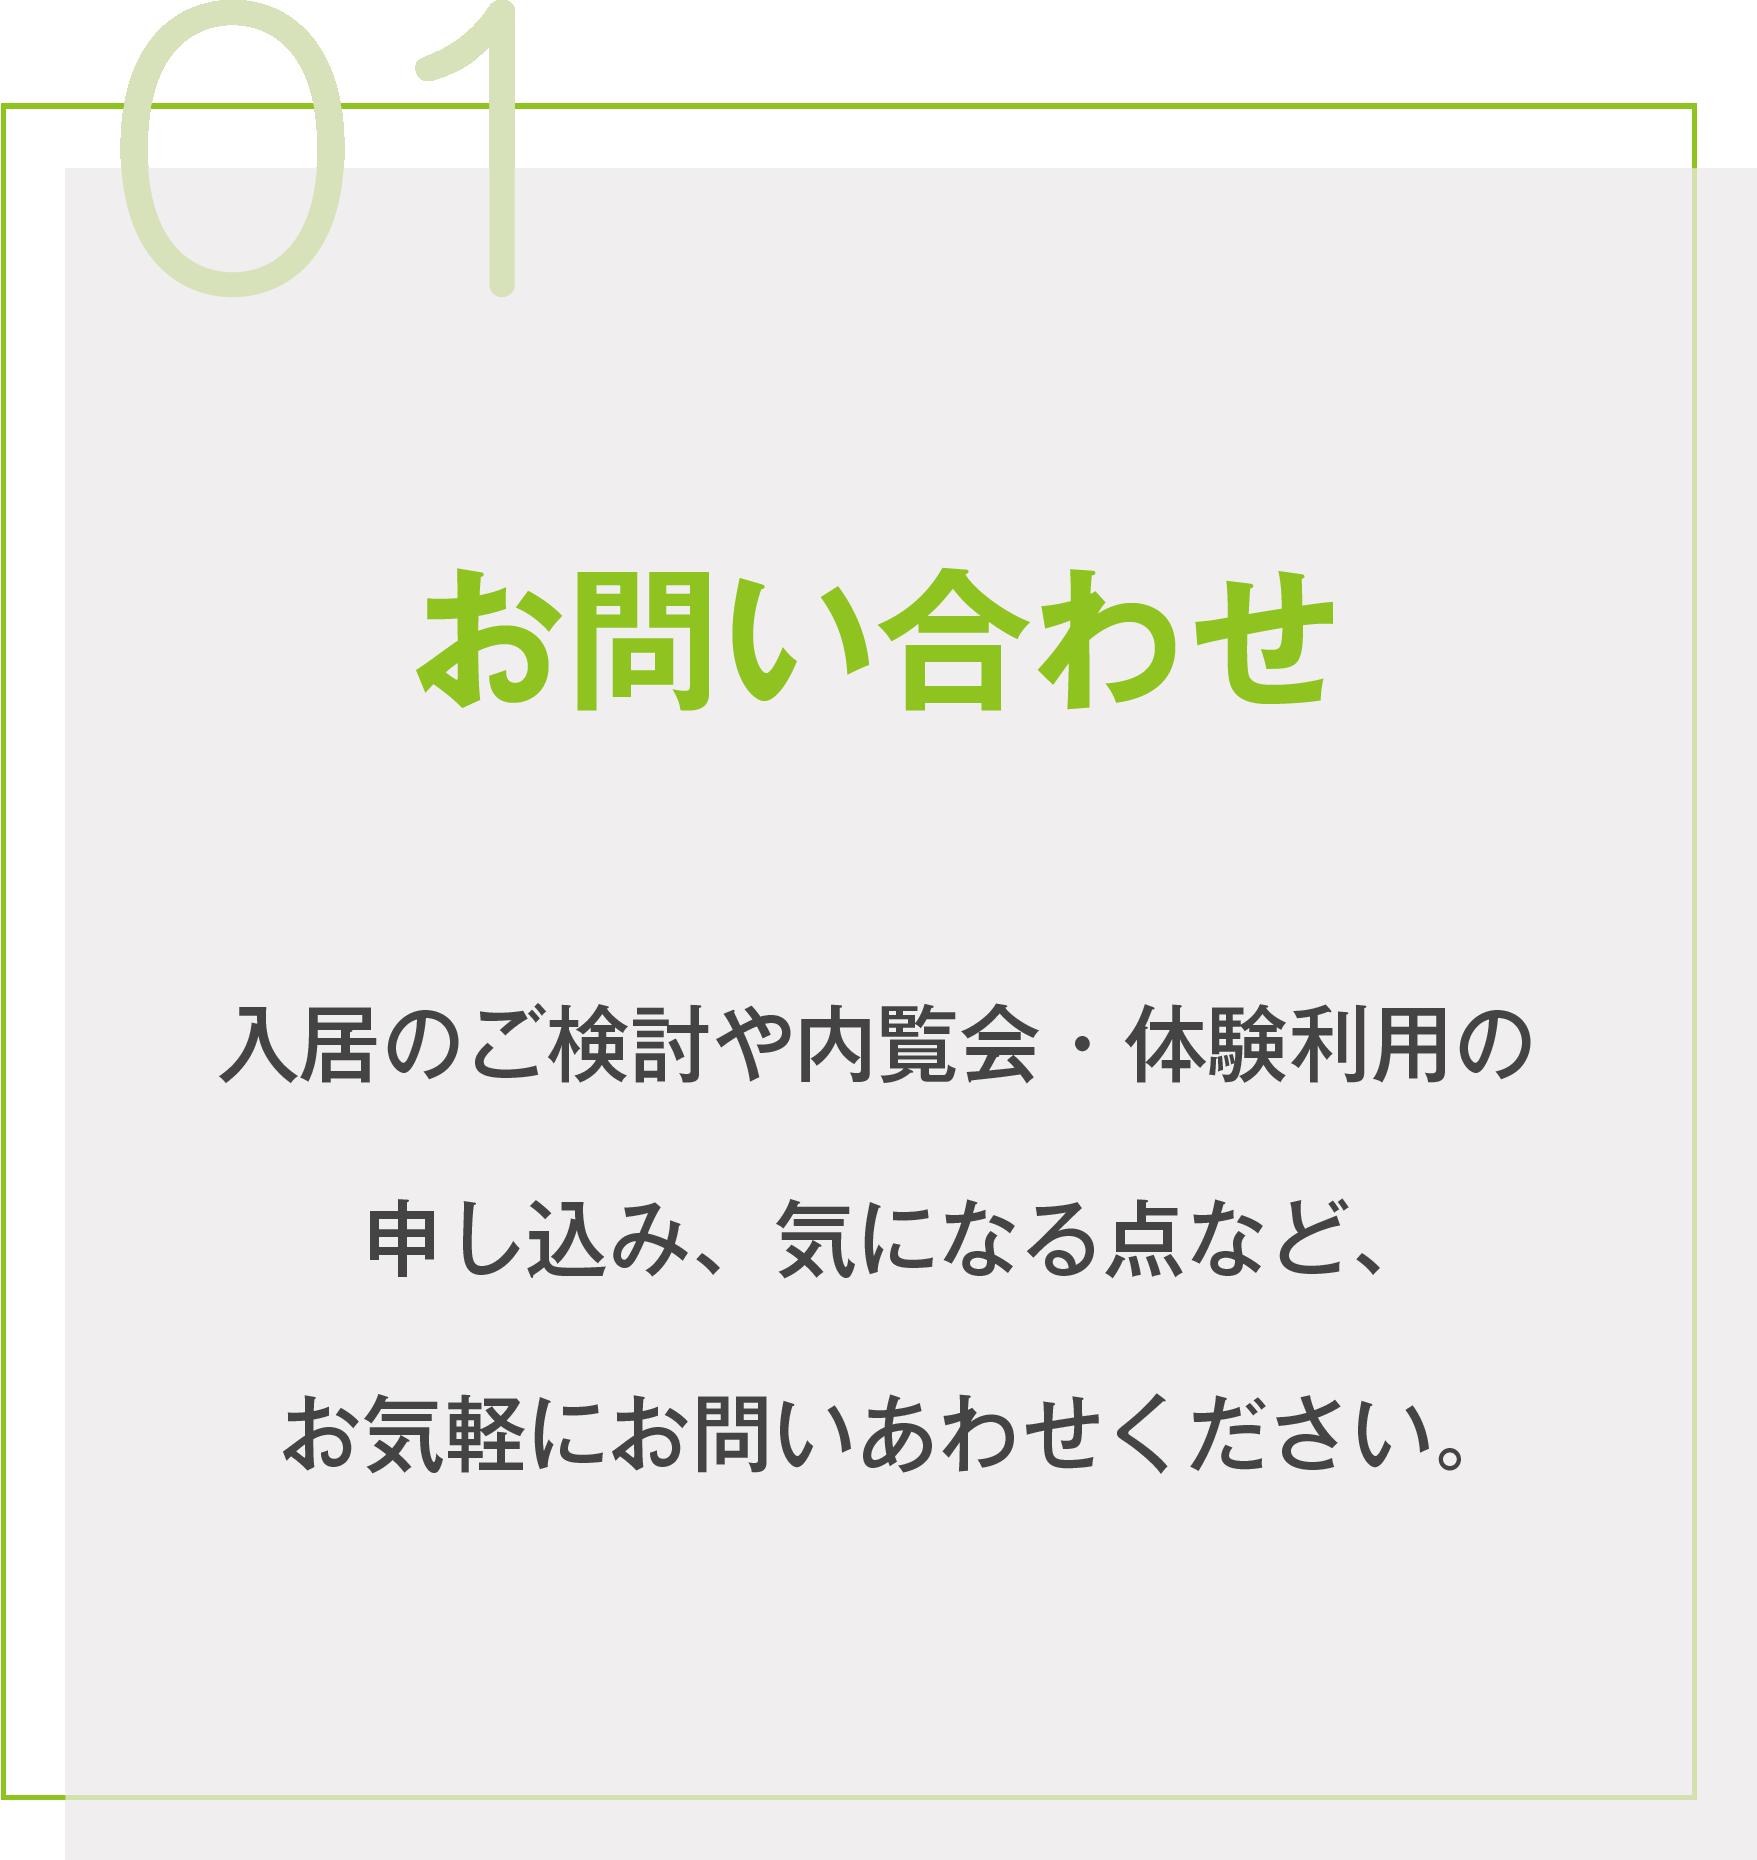 栃木県宇都宮市の障がい者自立支援・共同生活支援 | 障害者グループホーム ファミリー宇都宮のpc画像 | 01.お問い合わせ 入居のご検討や内覧会・体験利用の申し込み。気になる点などお気軽にお問い合わせください。